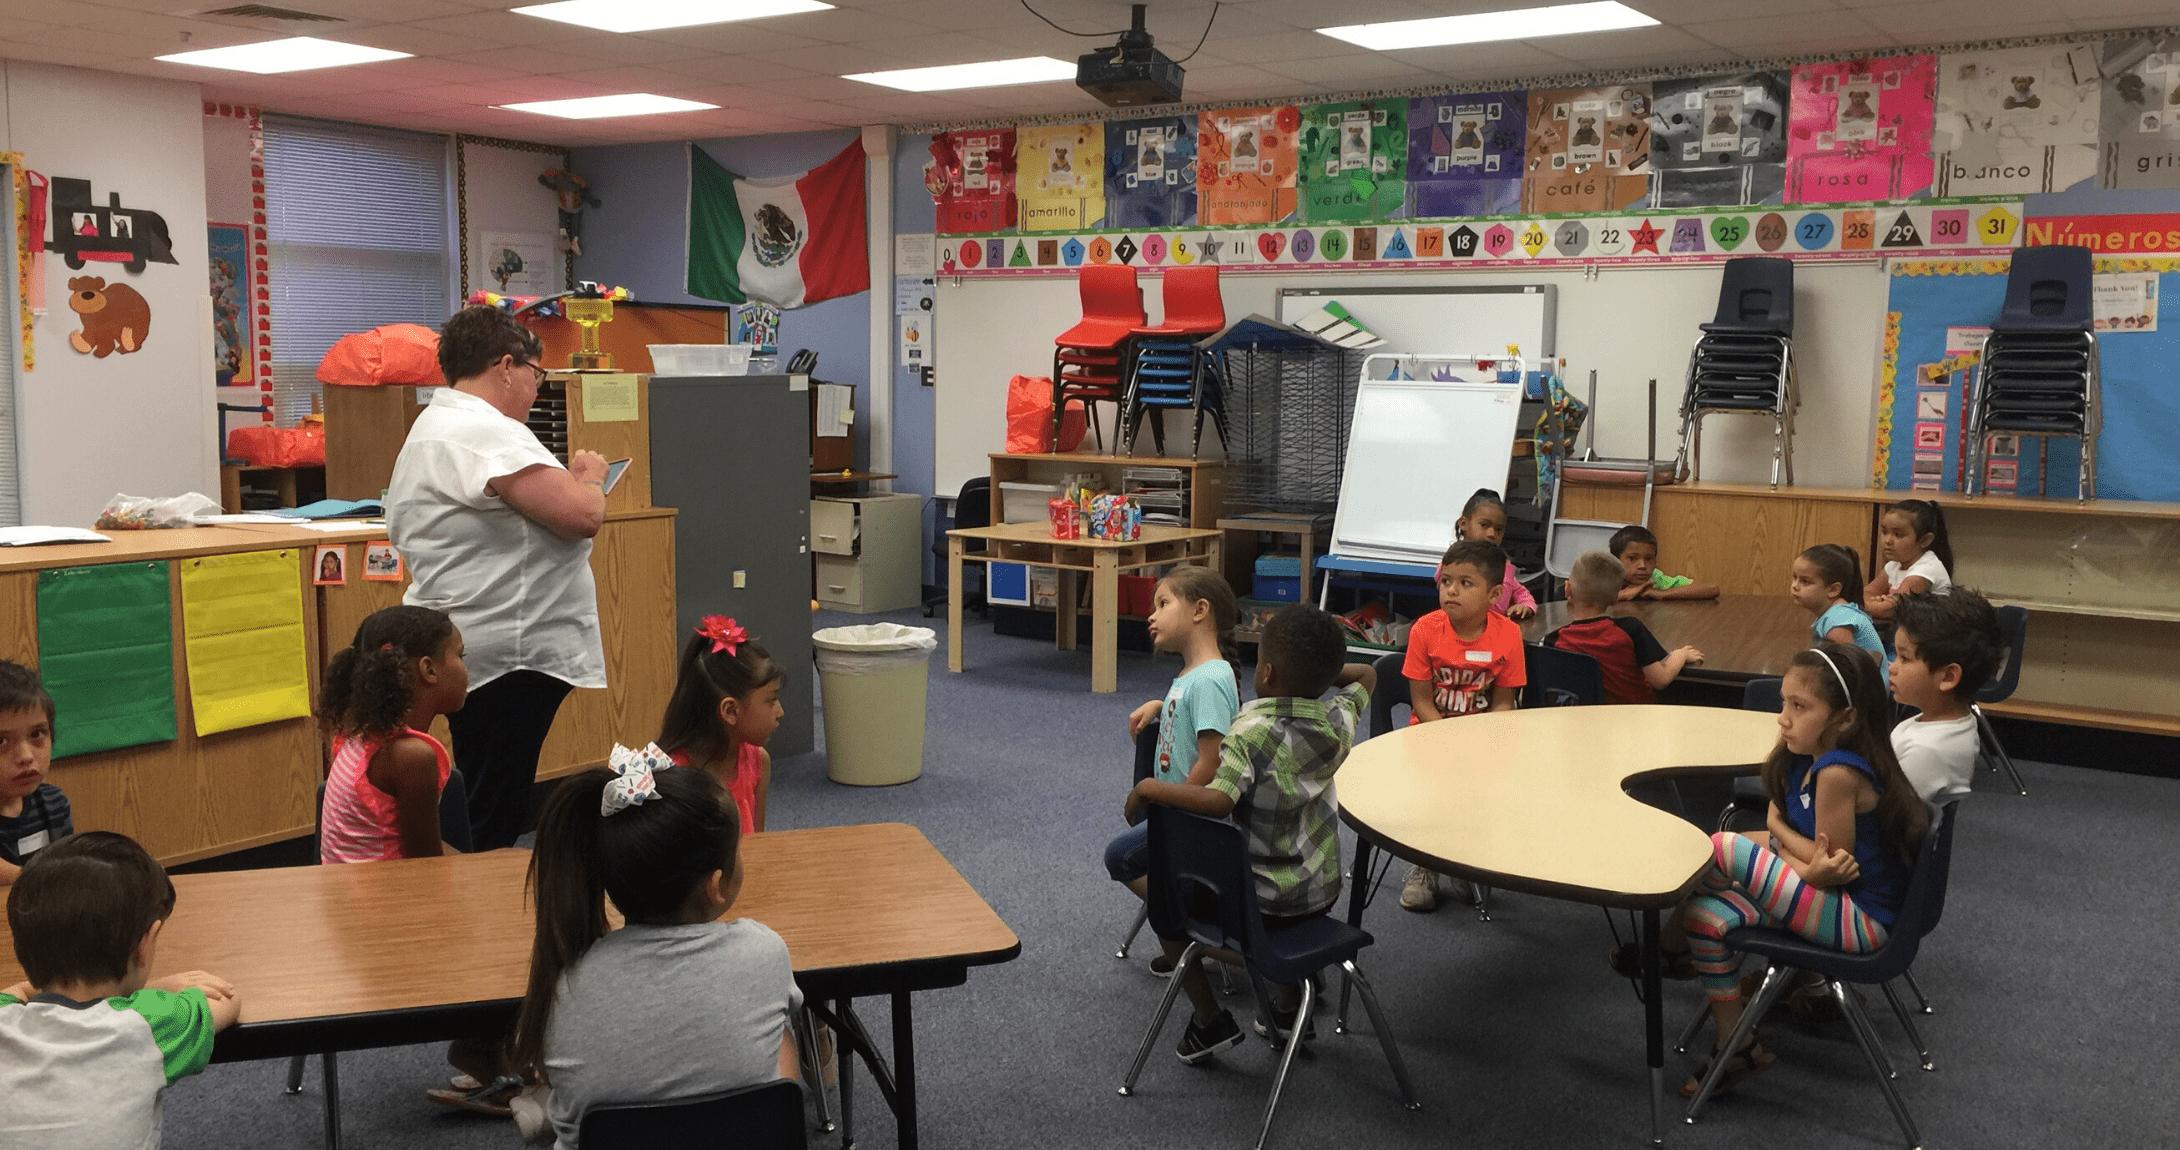 Los primeros 5 Permian Basin albergan un campamento de niños en el aula